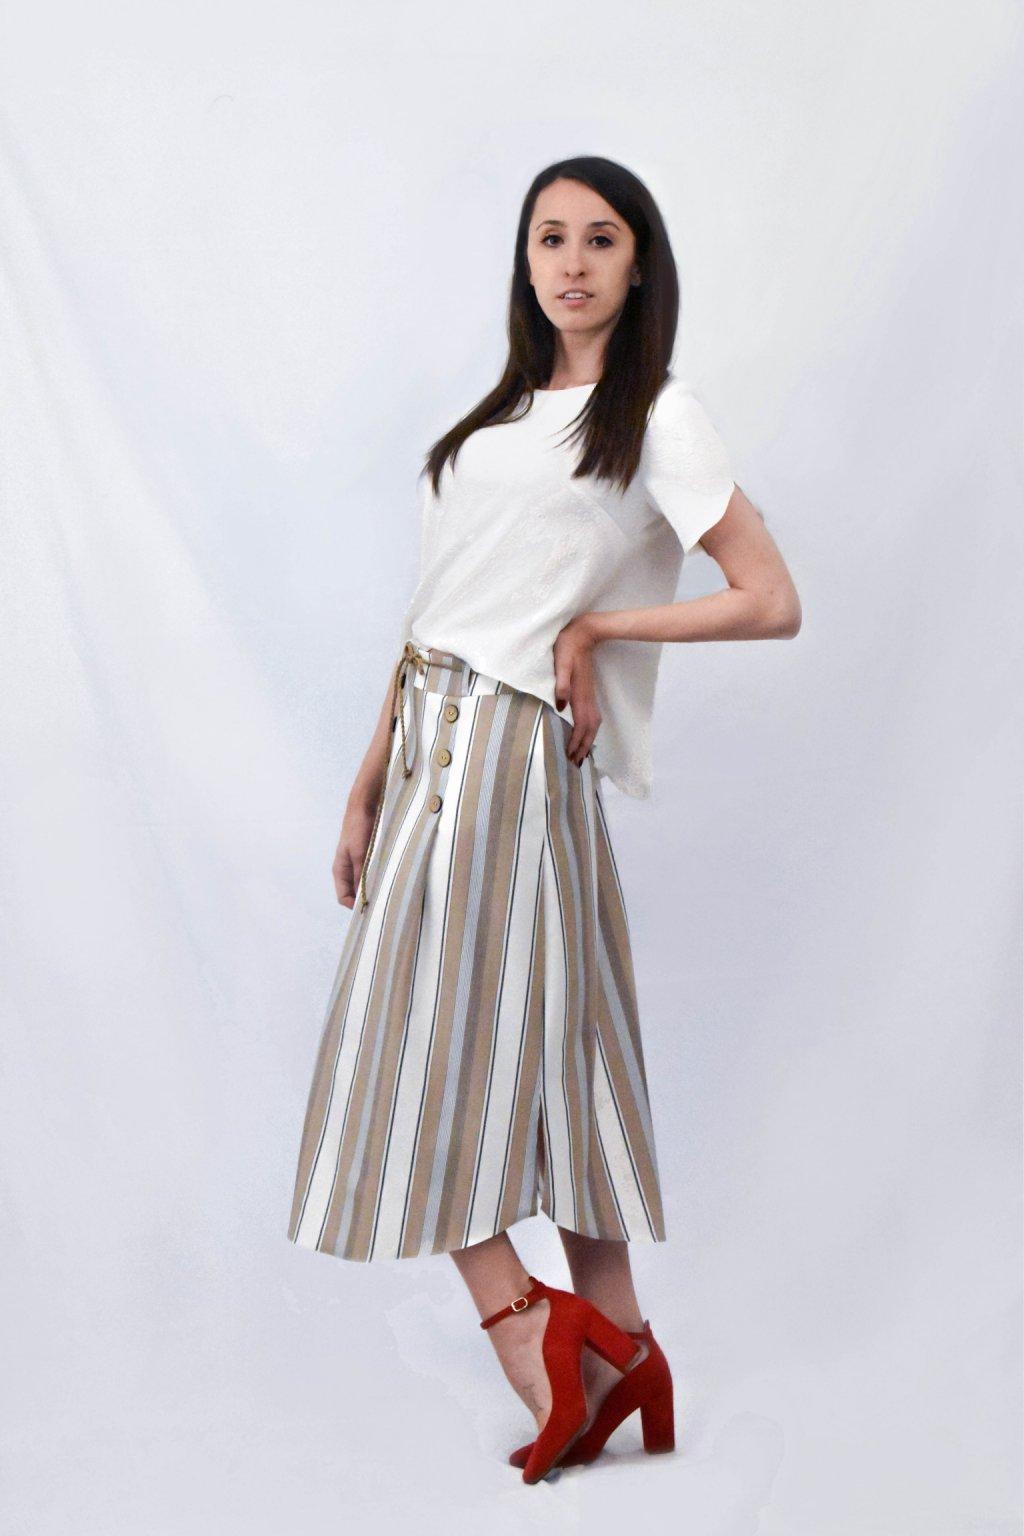 Bílé tričko béžová sukně bok